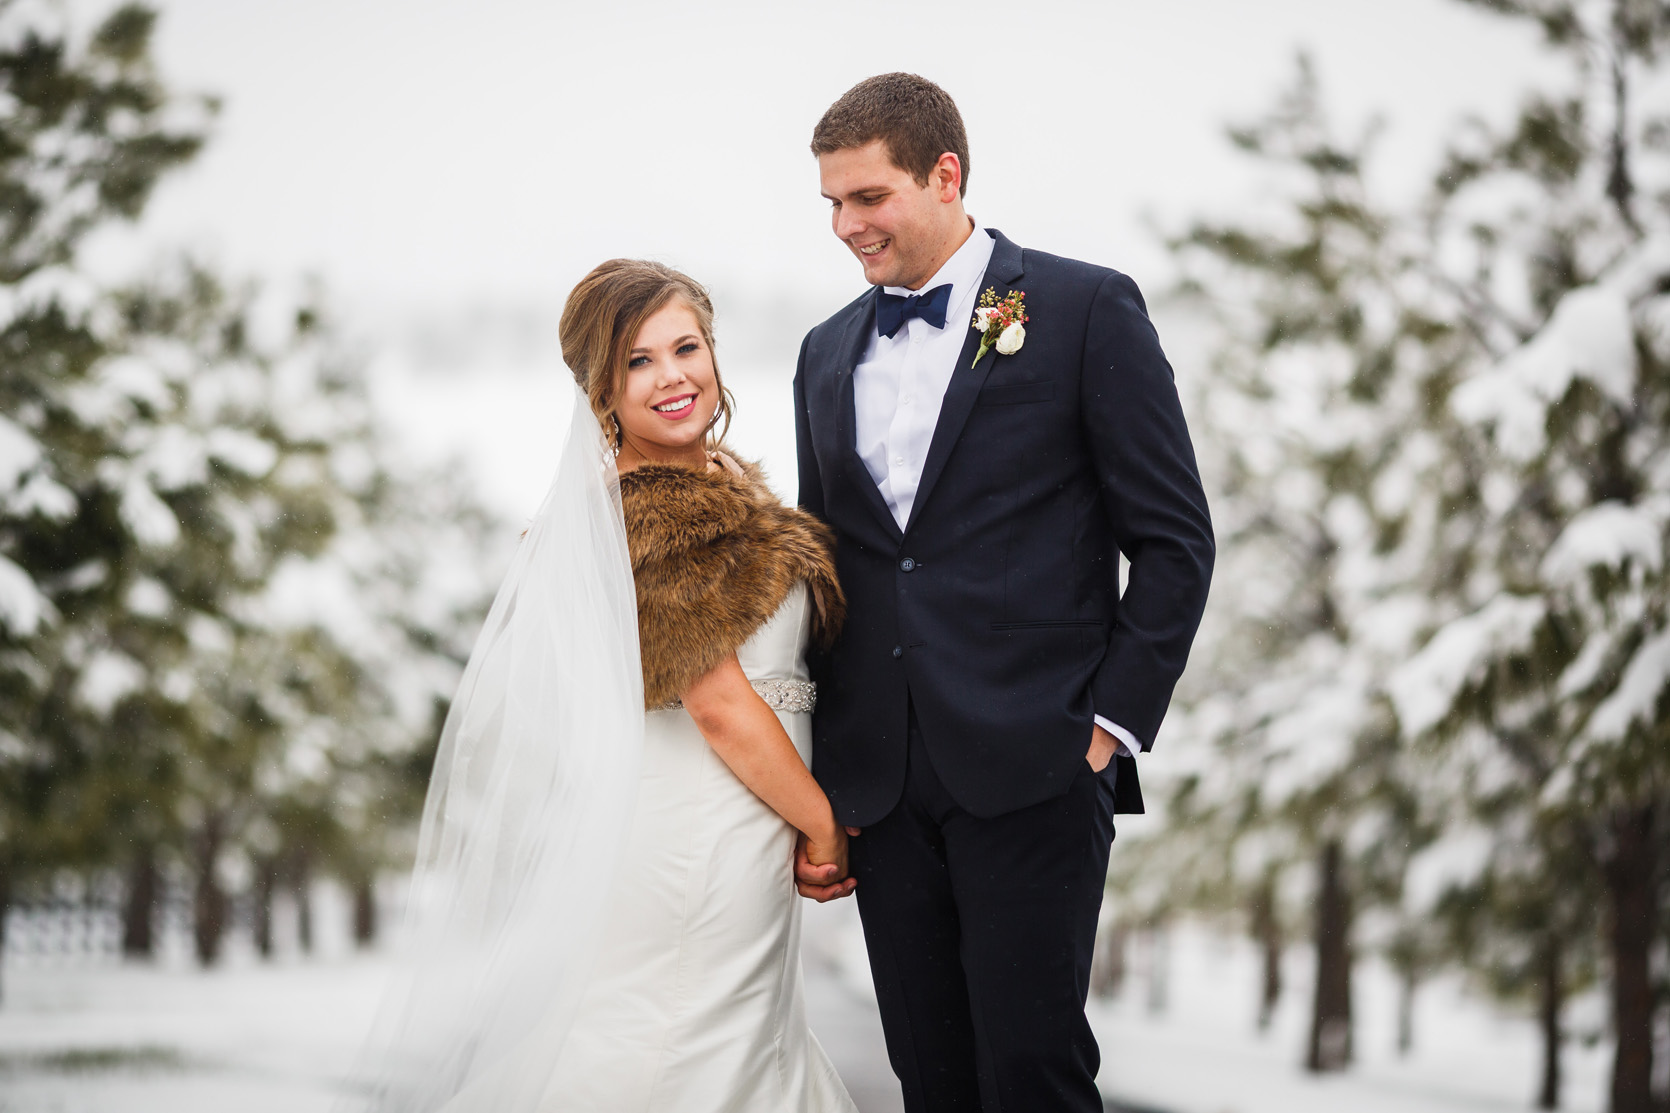 Spruce_Mountain_Ranch_Wedding_0025a